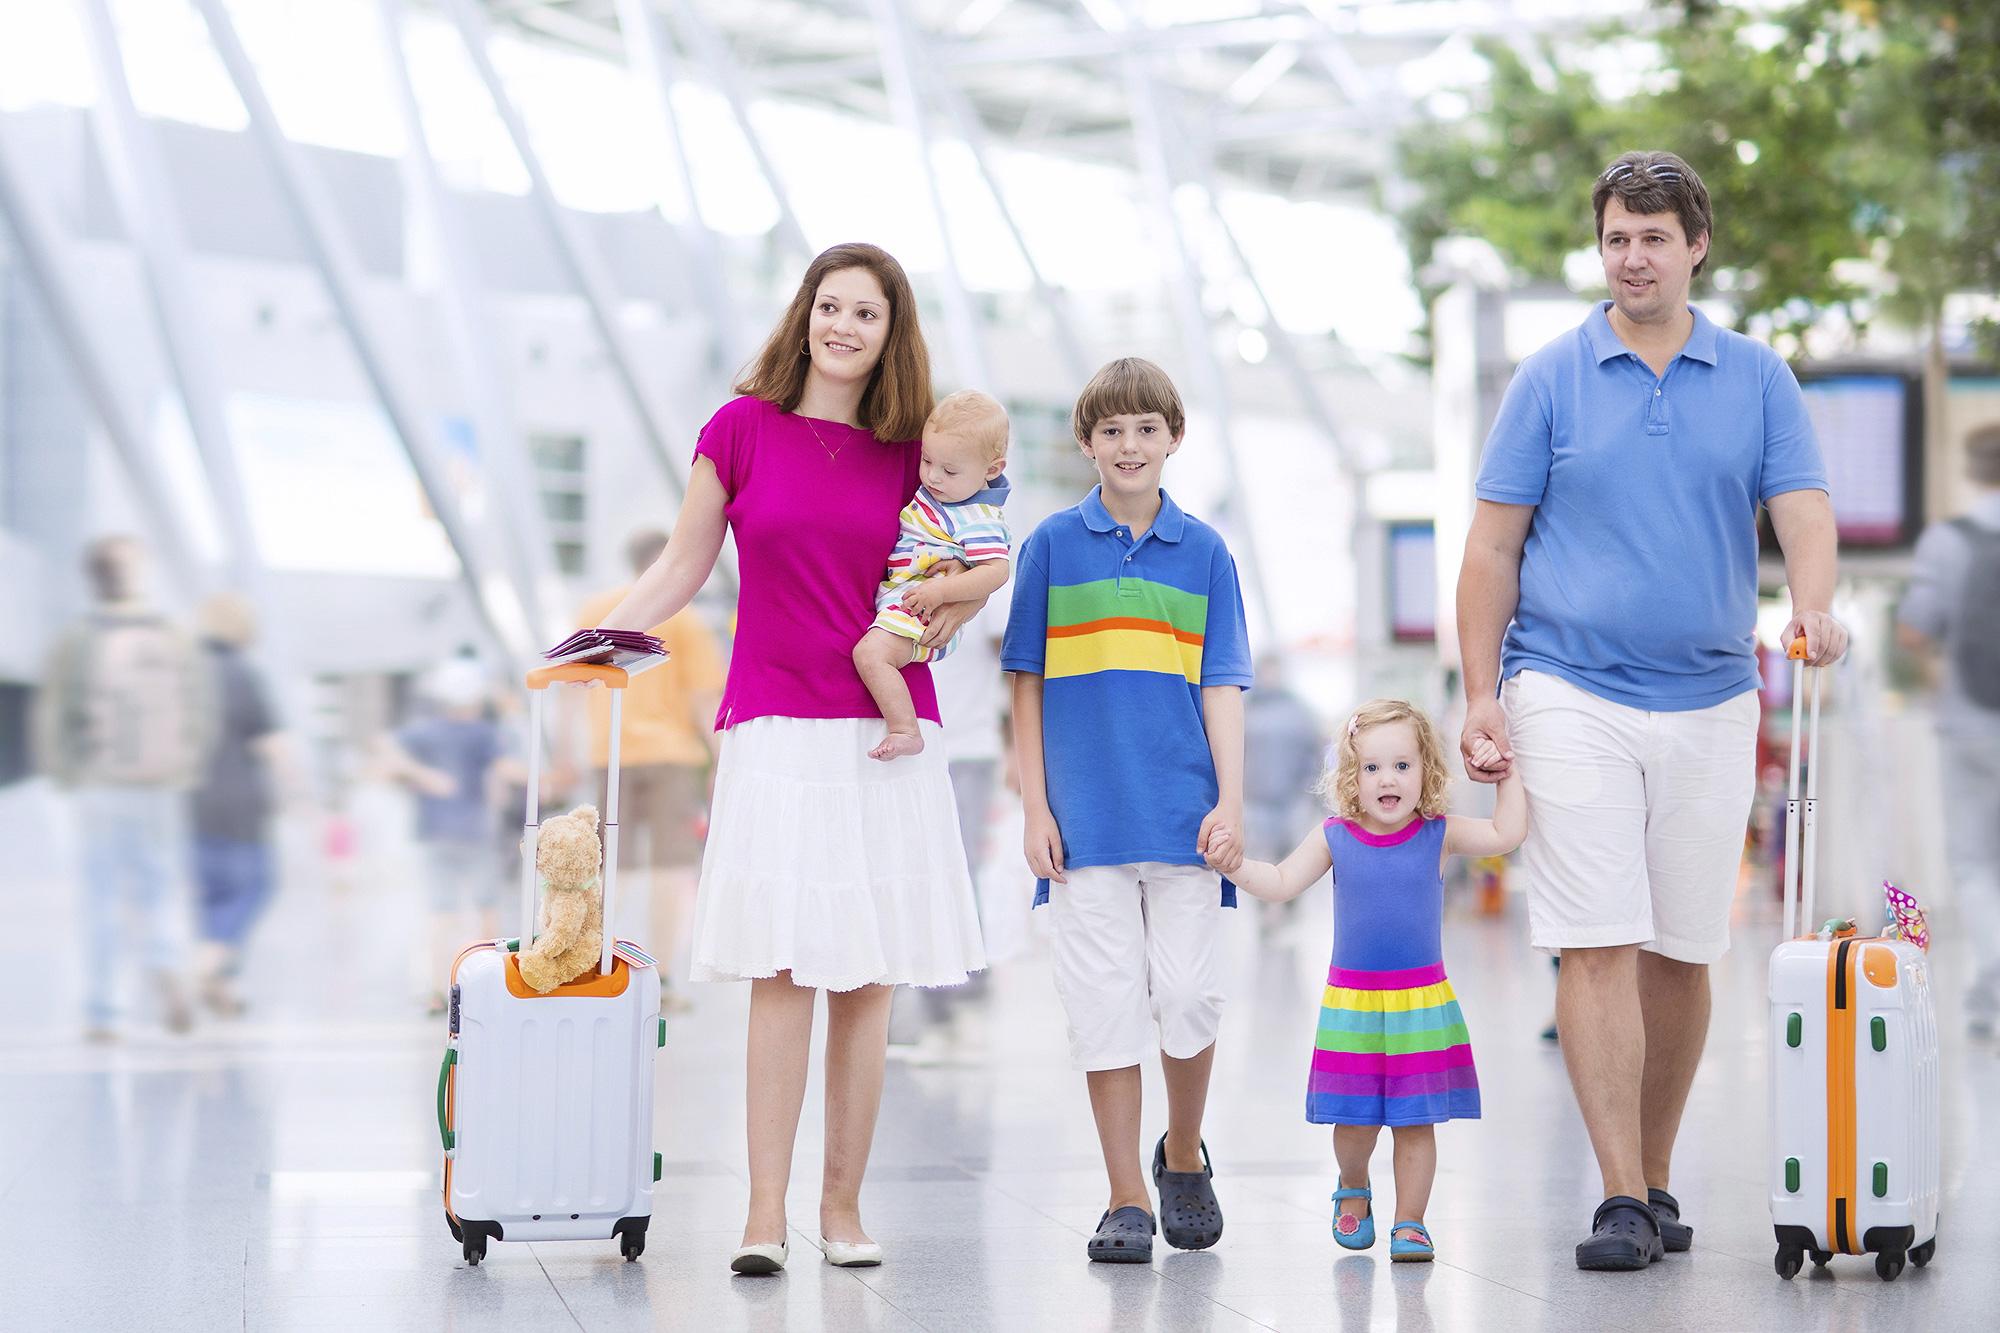 Família em aeroporto - viagem com crianças